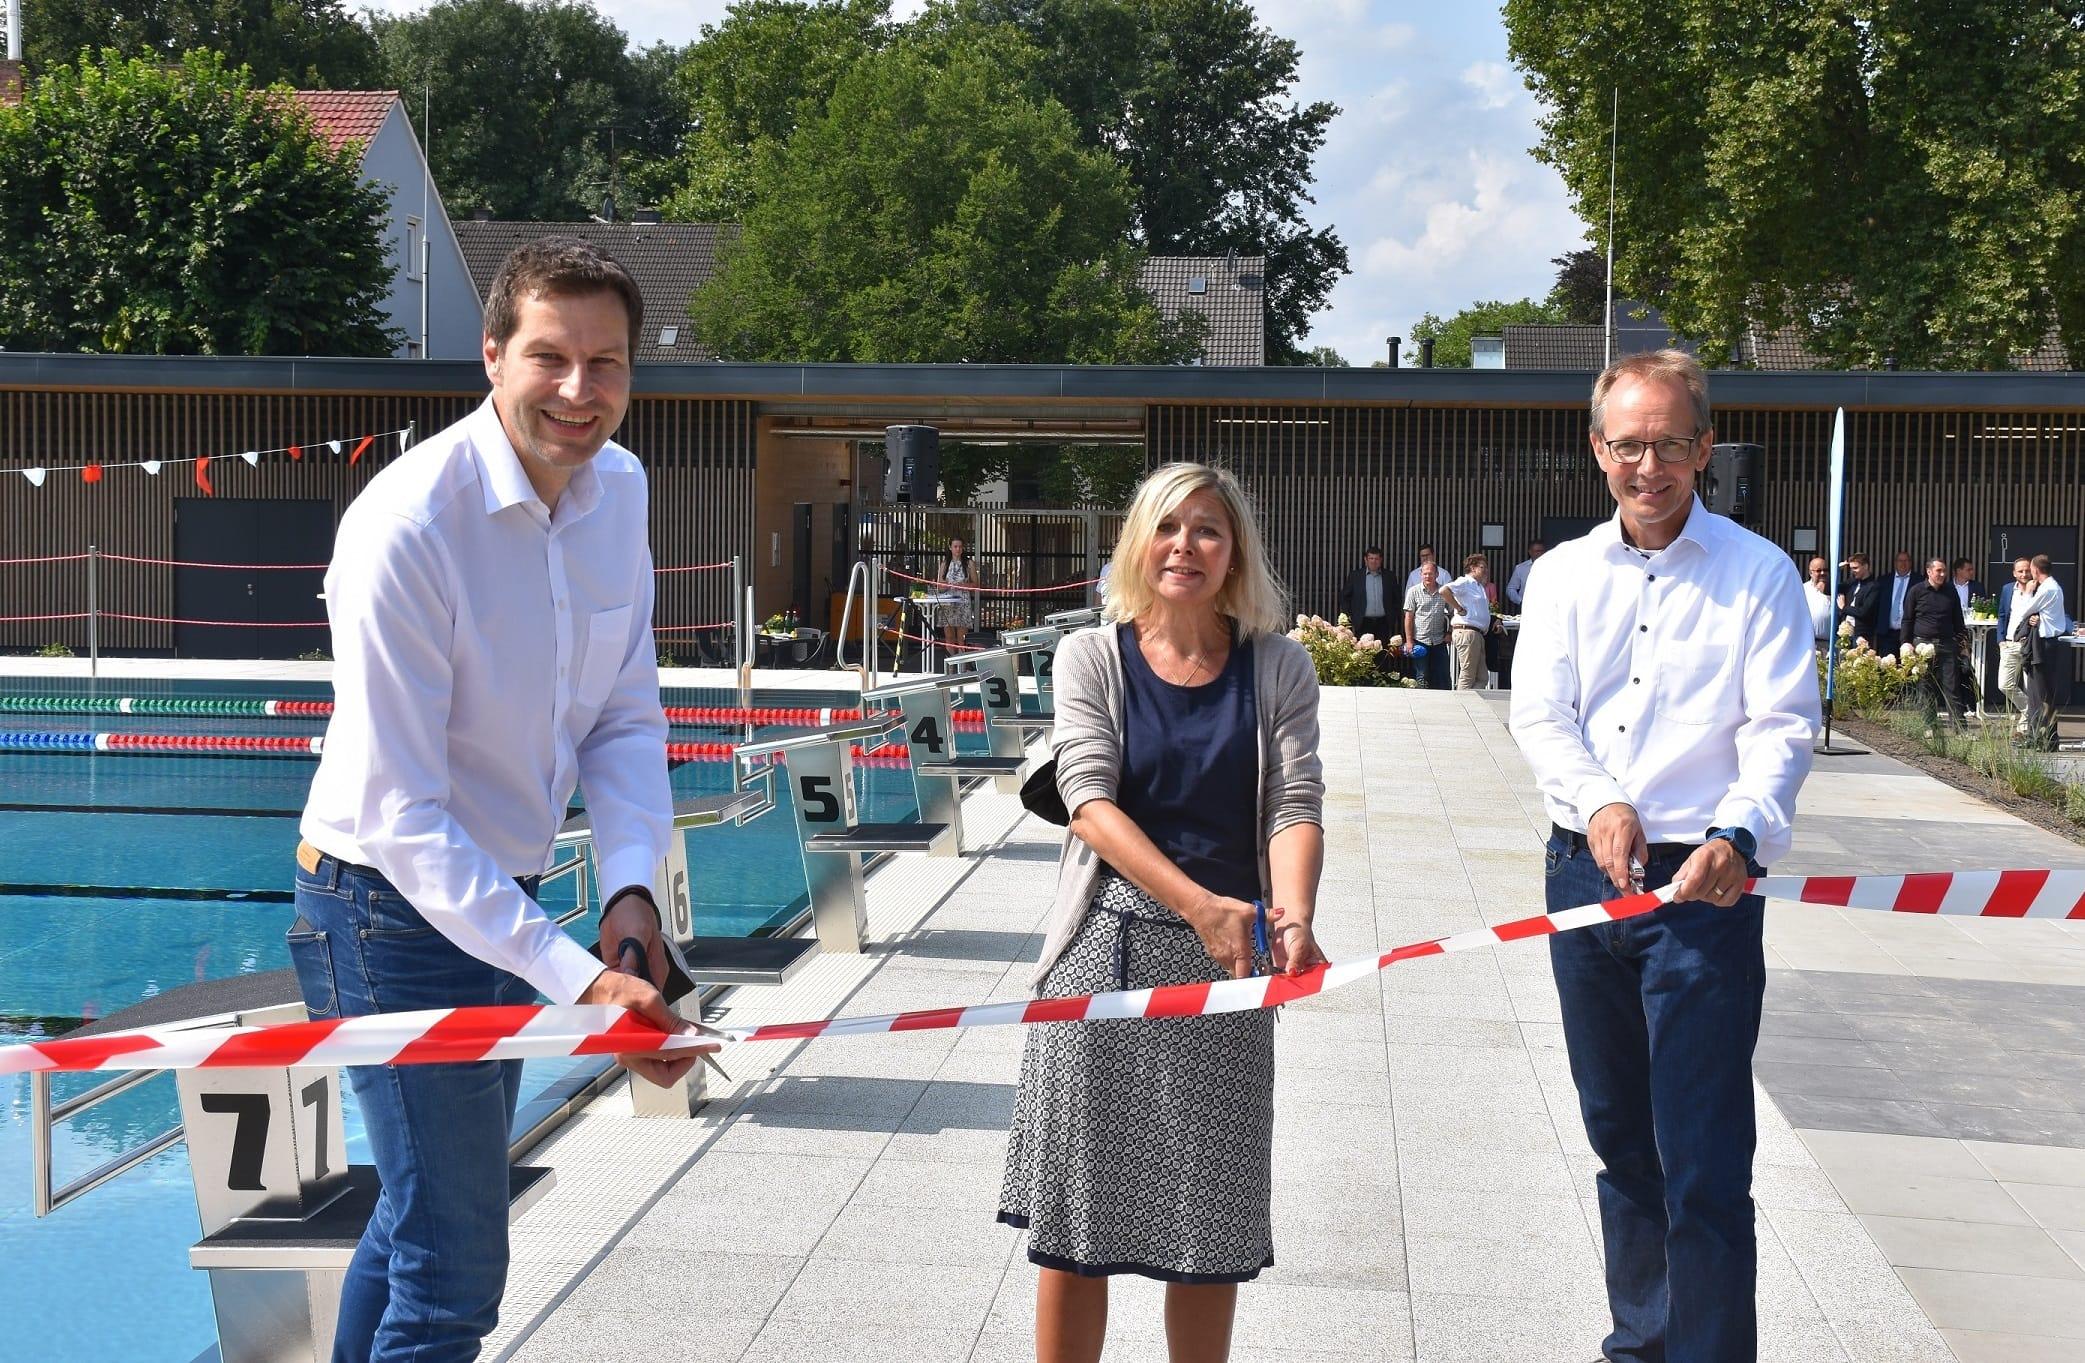 WasserWelten Bochum in Werne: Eröffnung durch Oberbürgermeister Thomas Eiskirch (SPD), Bezirksbürgermeisterin Andrea Busche (SPD) und WasserWelten-Geschäftsführer Holger Rost